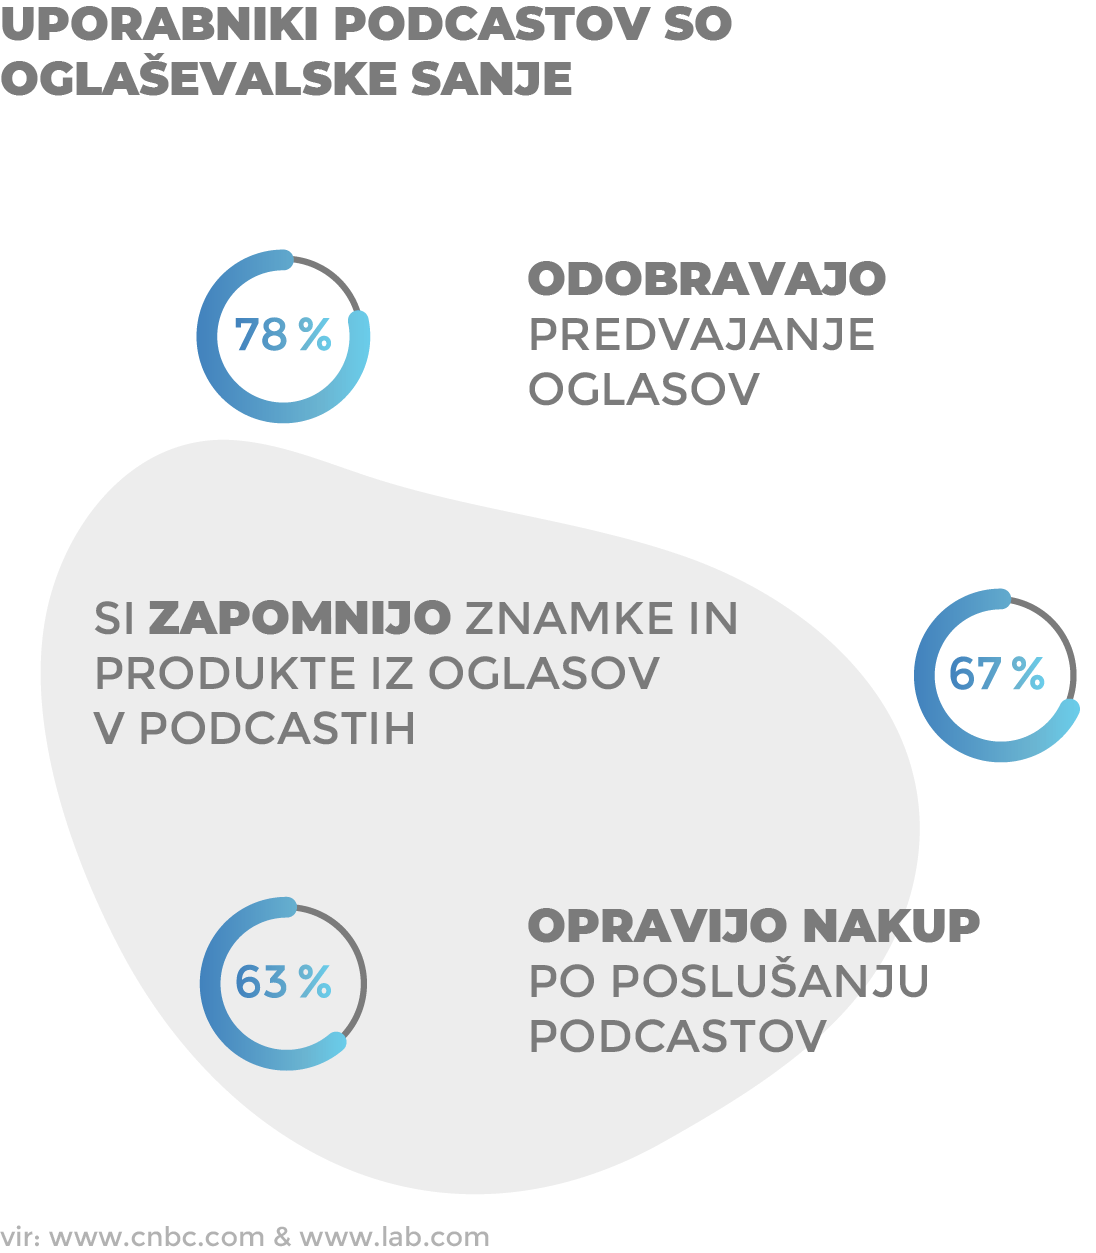 Podcasti blagovna znamka oglaševanje izobraževanje